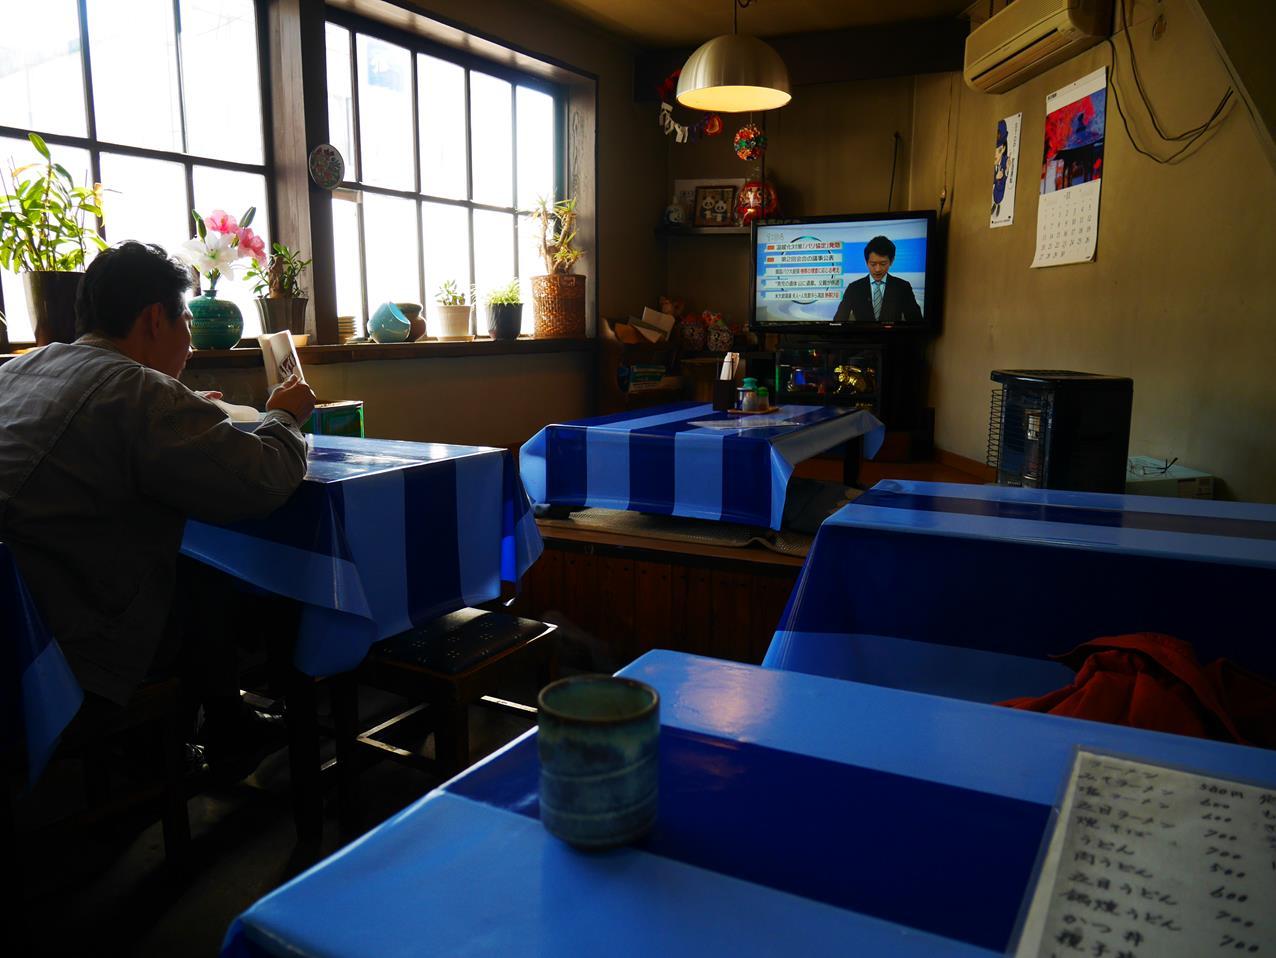 安曇野三好屋食堂